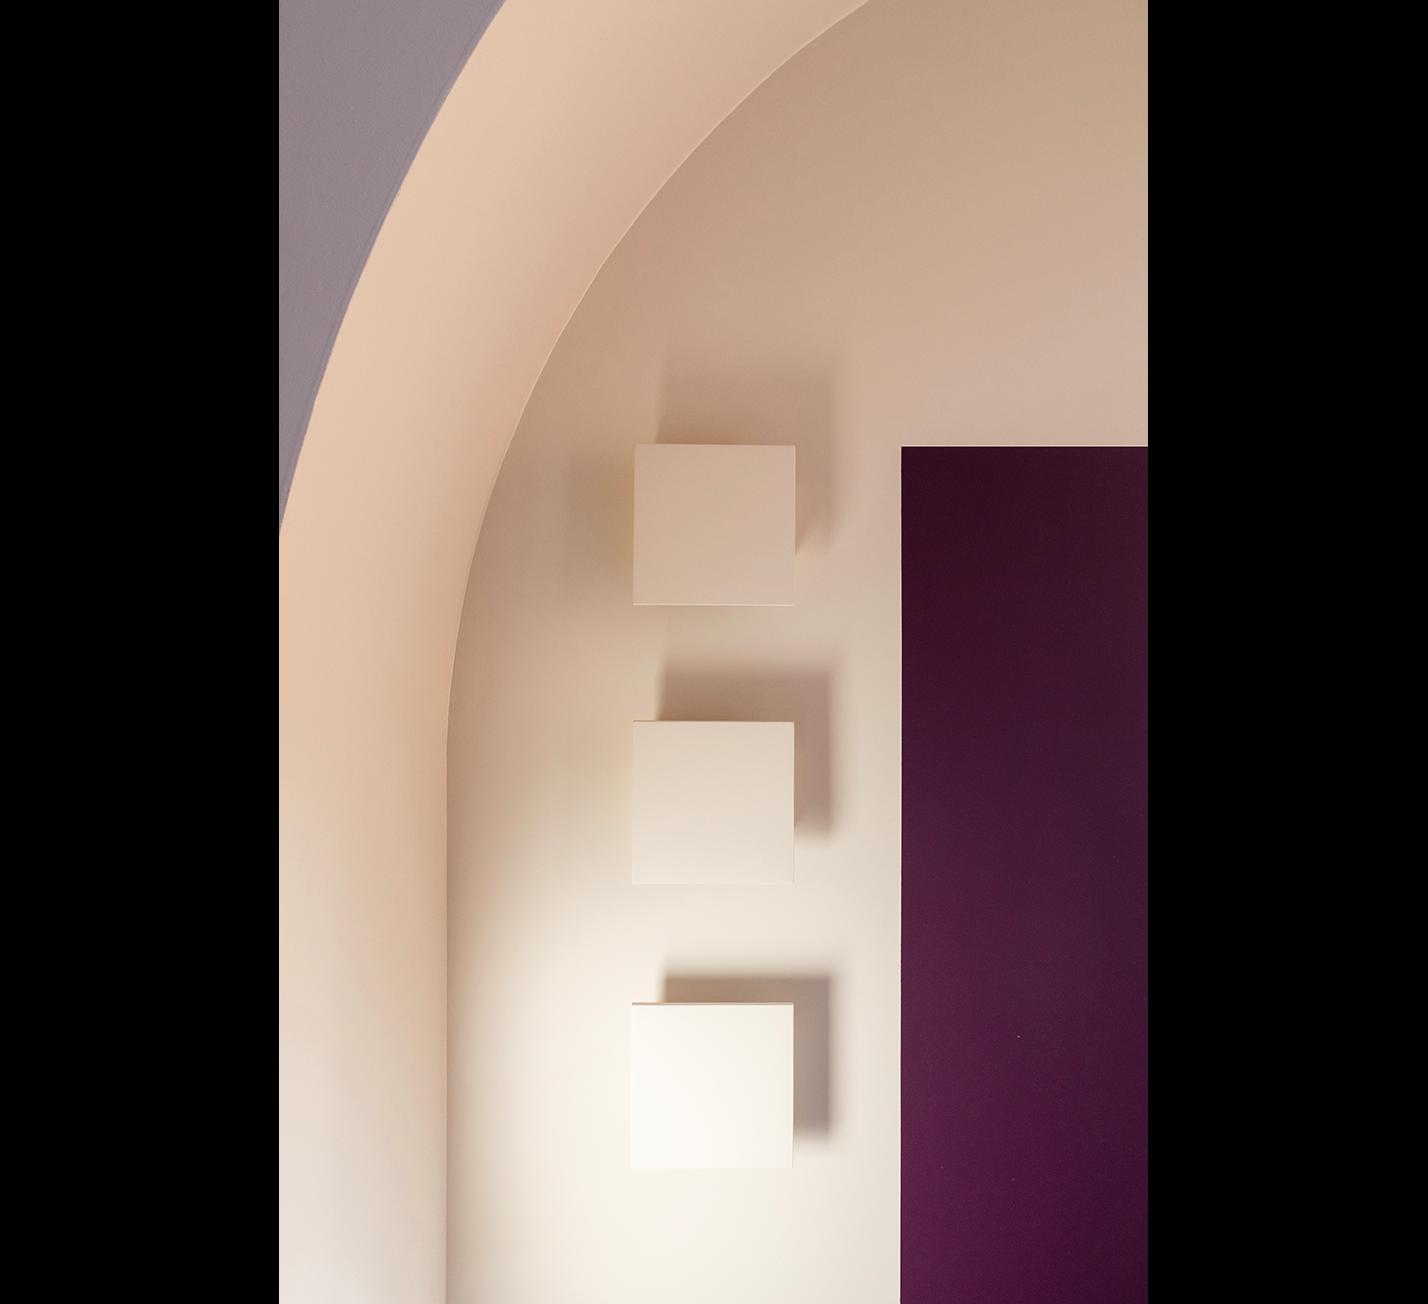 Appartement-Léon-paris-rénovation-architecture-paris-construction-atelier-steve-pauline-borgia-9